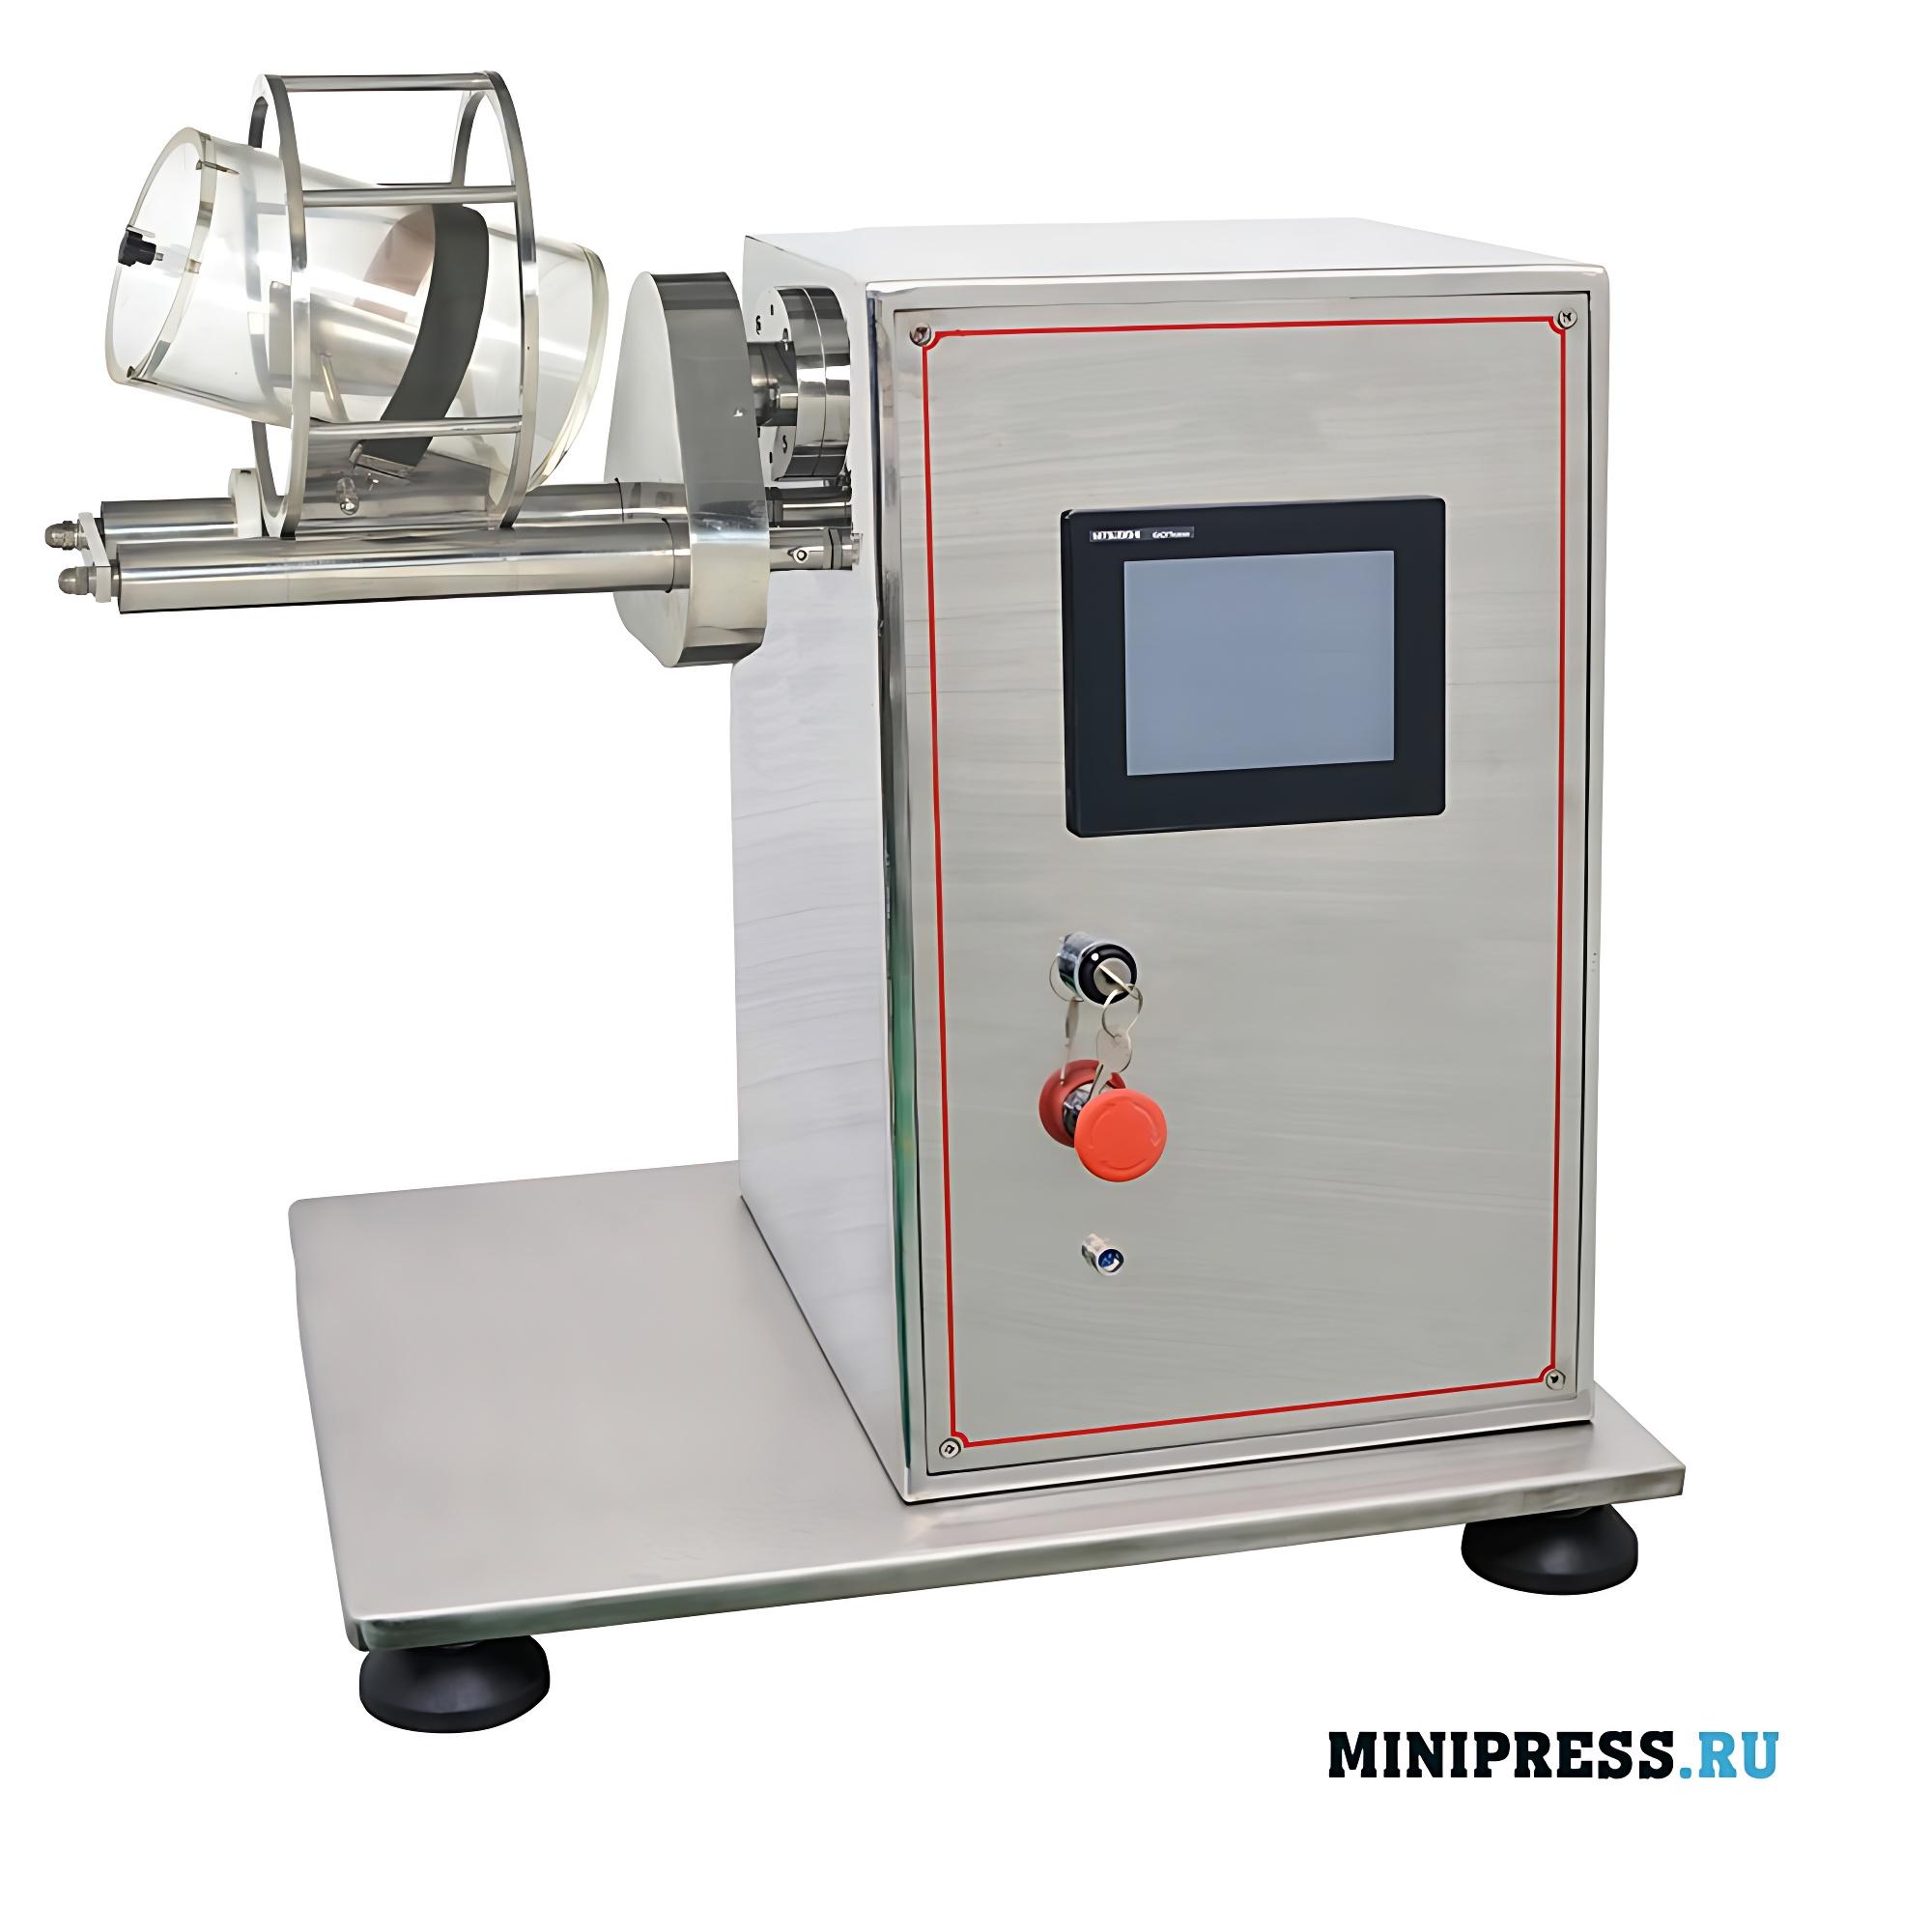 Мультифункциональное экспериментальное фармацевтическое оборудование и Миксер мульти-направленного движения